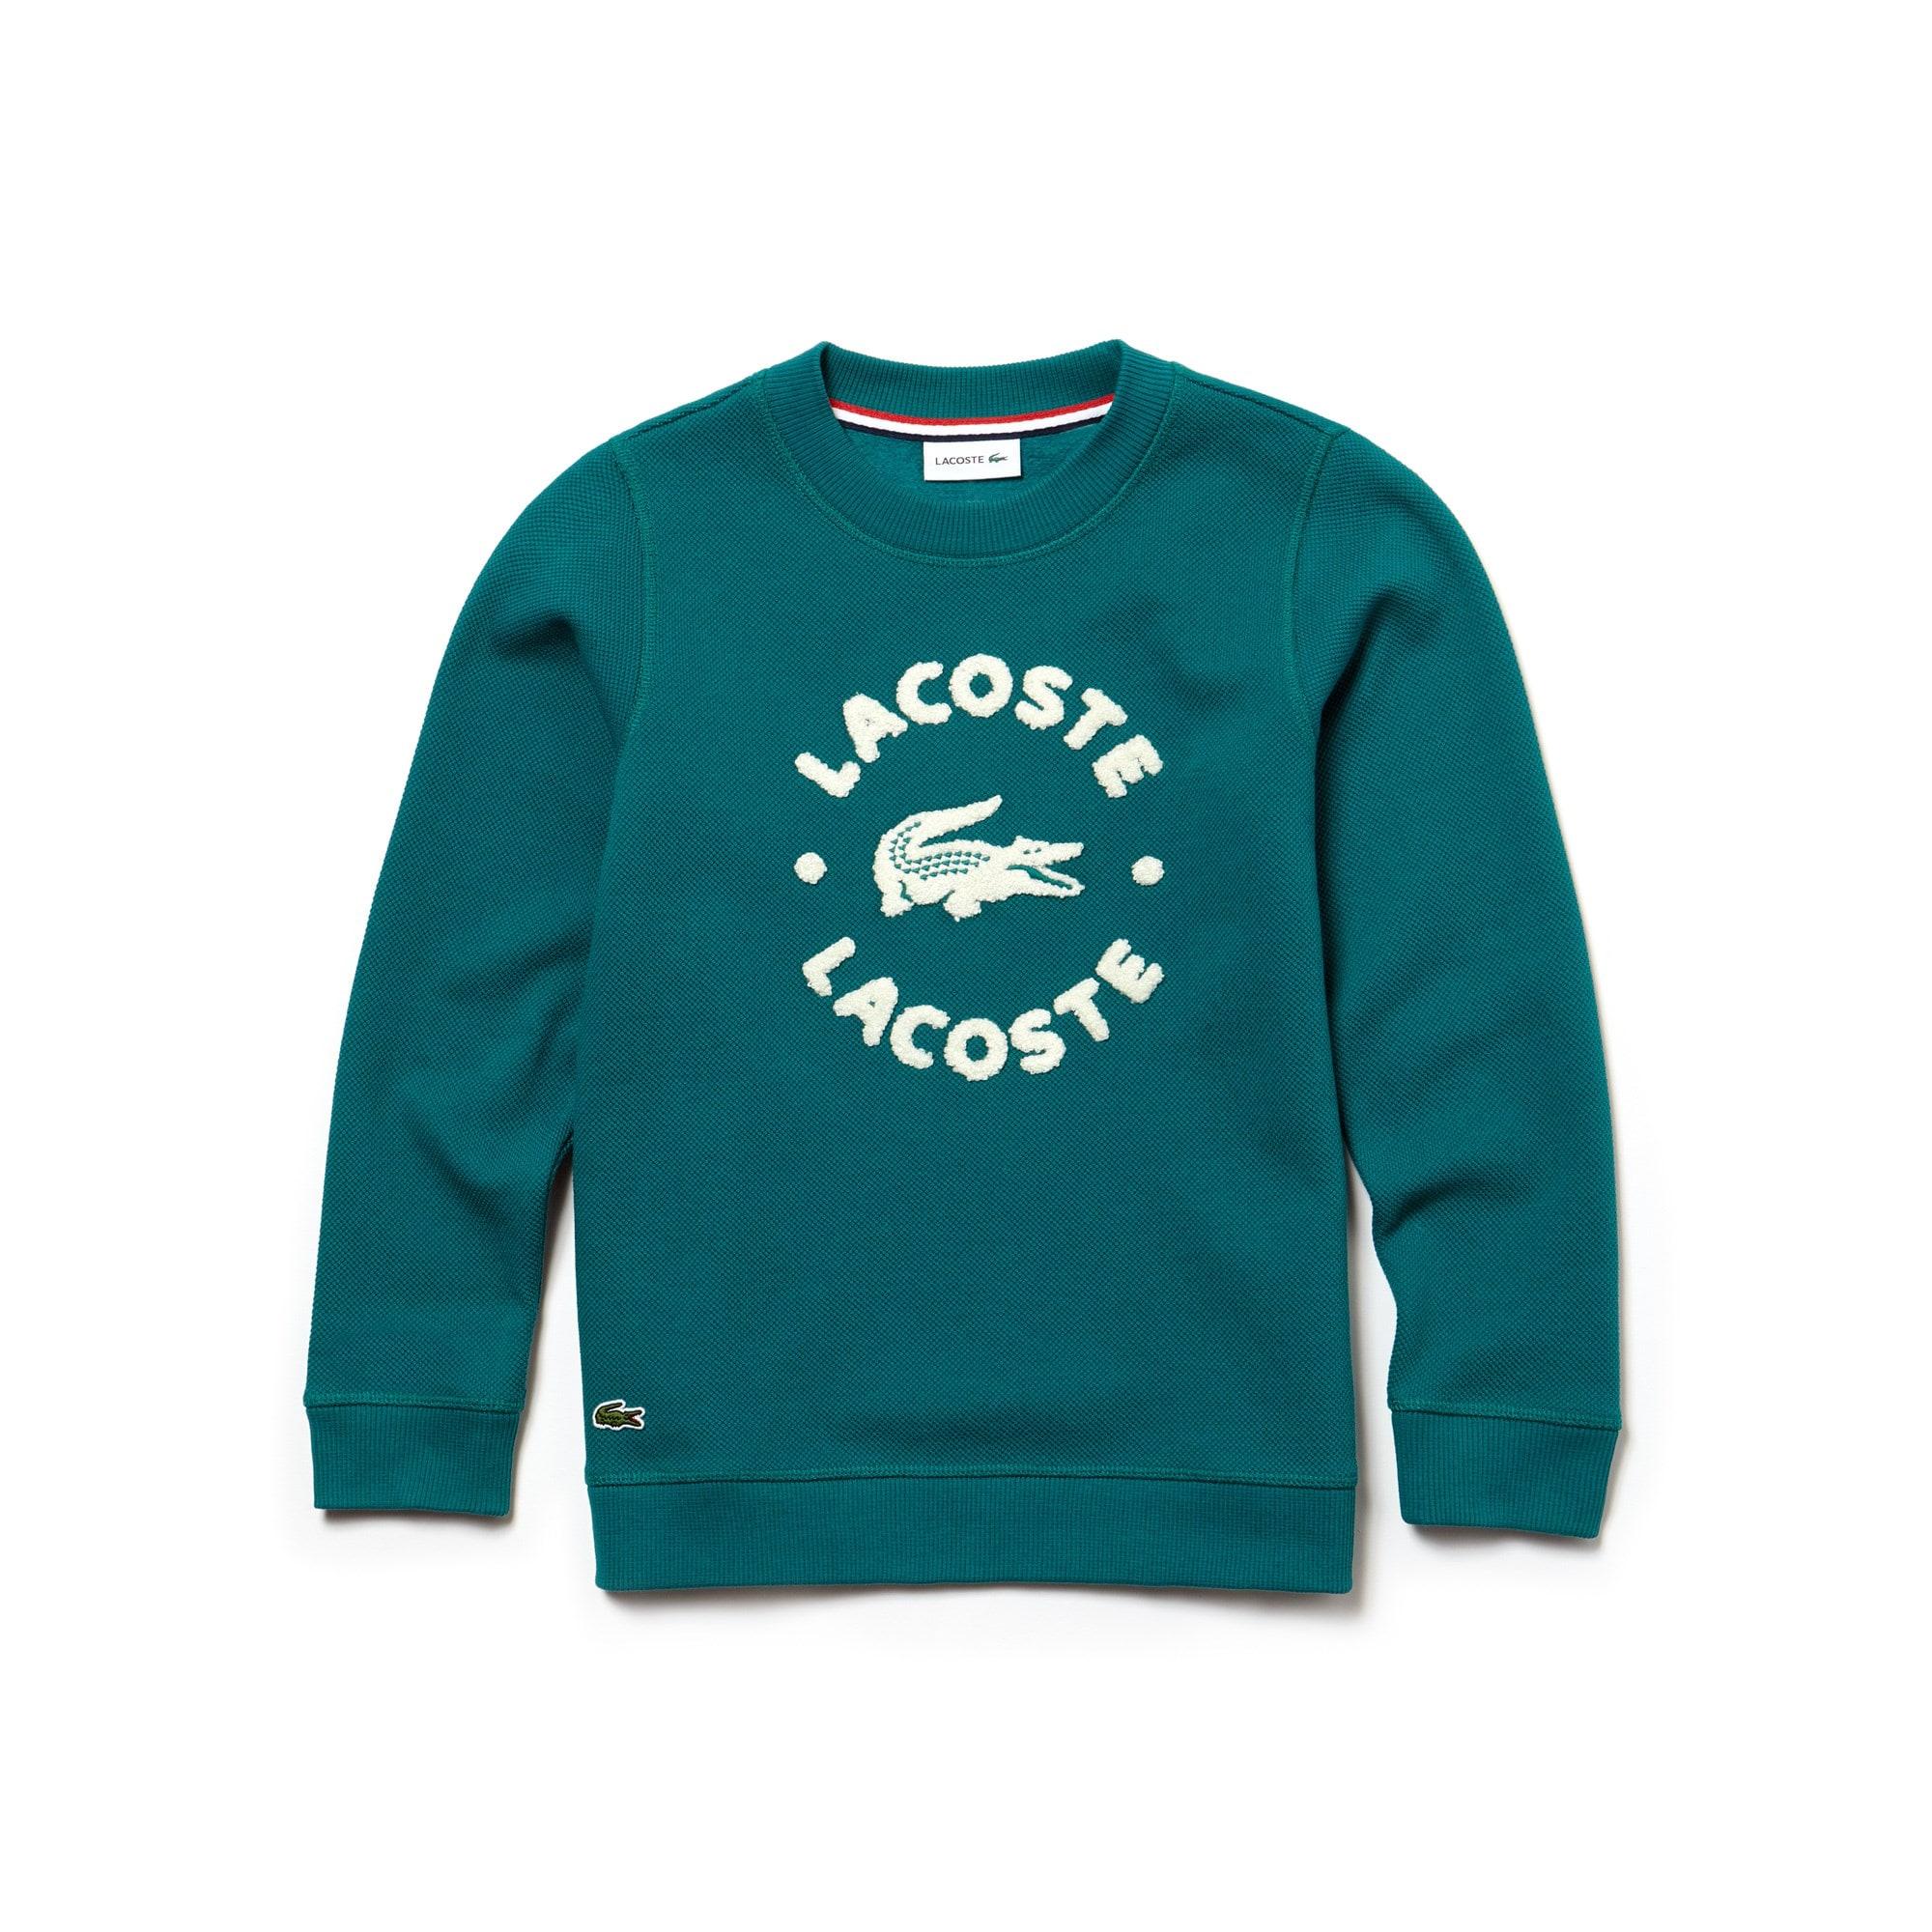 Jungen-Rundhals-Sweatshirt aus Fleece mit LACOSTE-Schriftzug